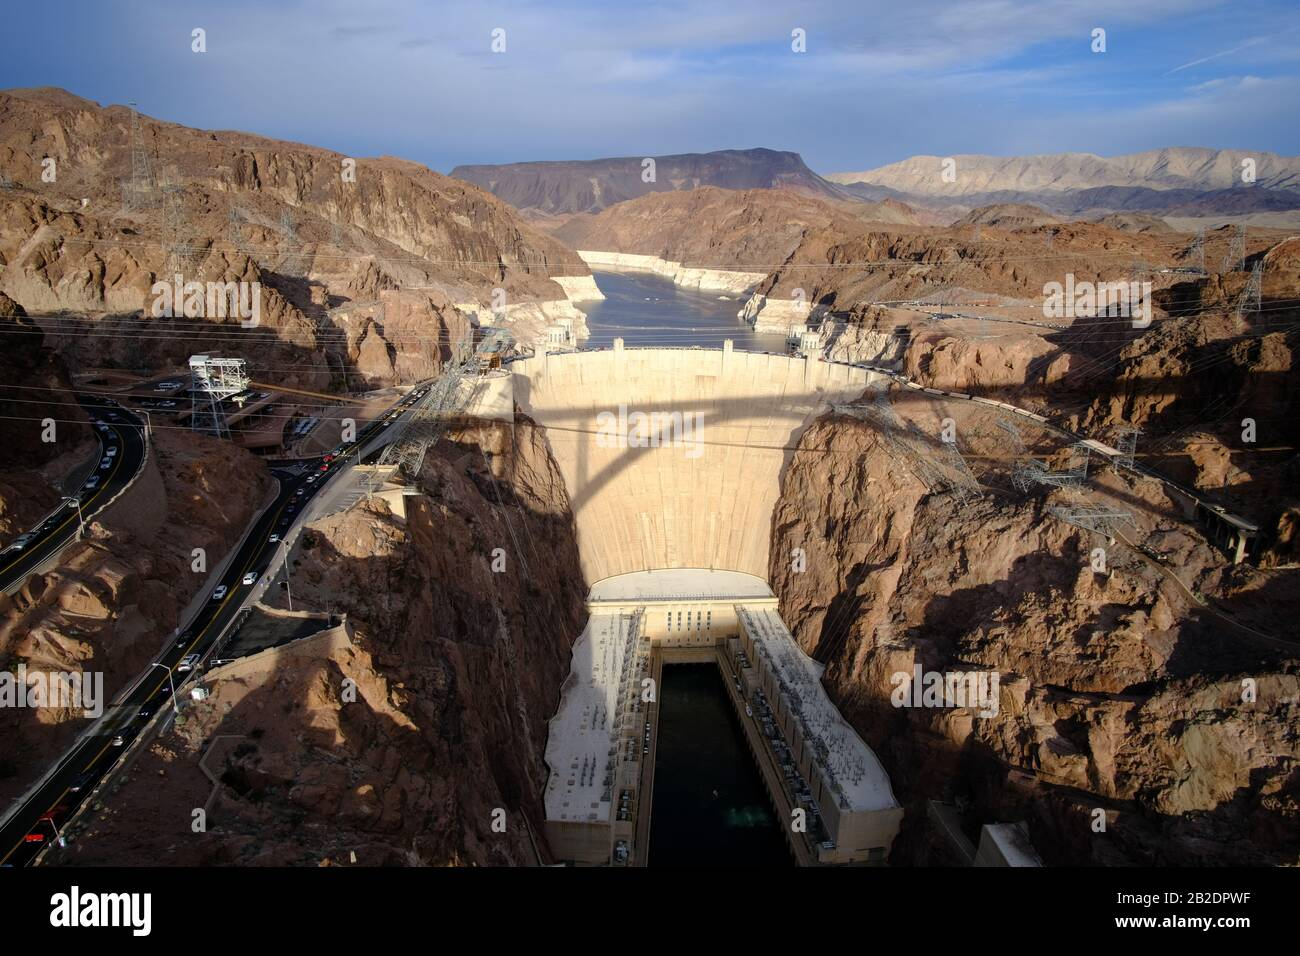 Der berühmte Hoover-Staudamm. Wasserkraftwerk an der Grenze von Arizona und Nevada am See Mead. Stockfoto